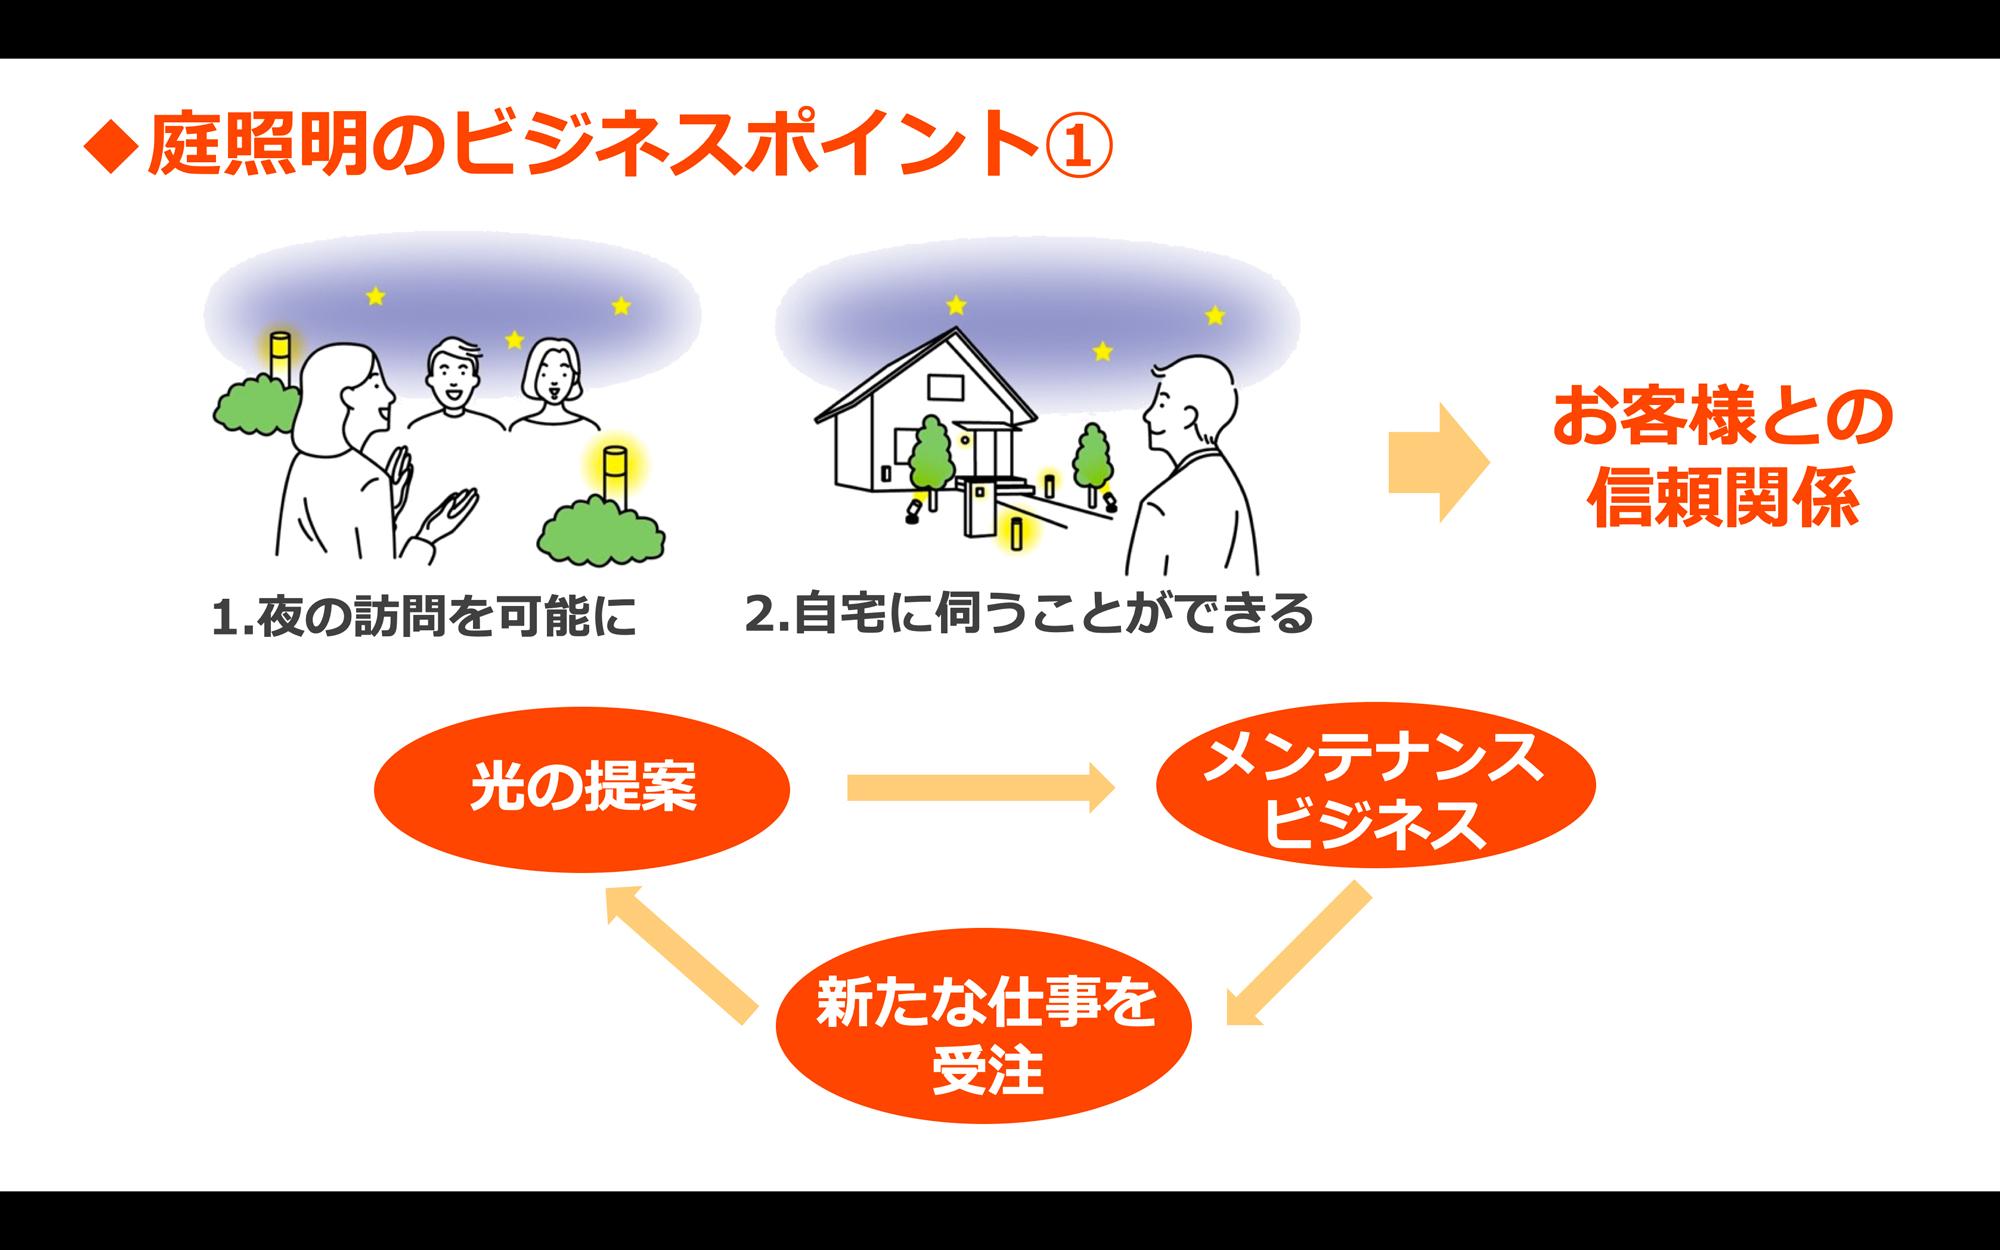 キャプチャー1.PROの庭照明のビジネス戦略の受講イメージ